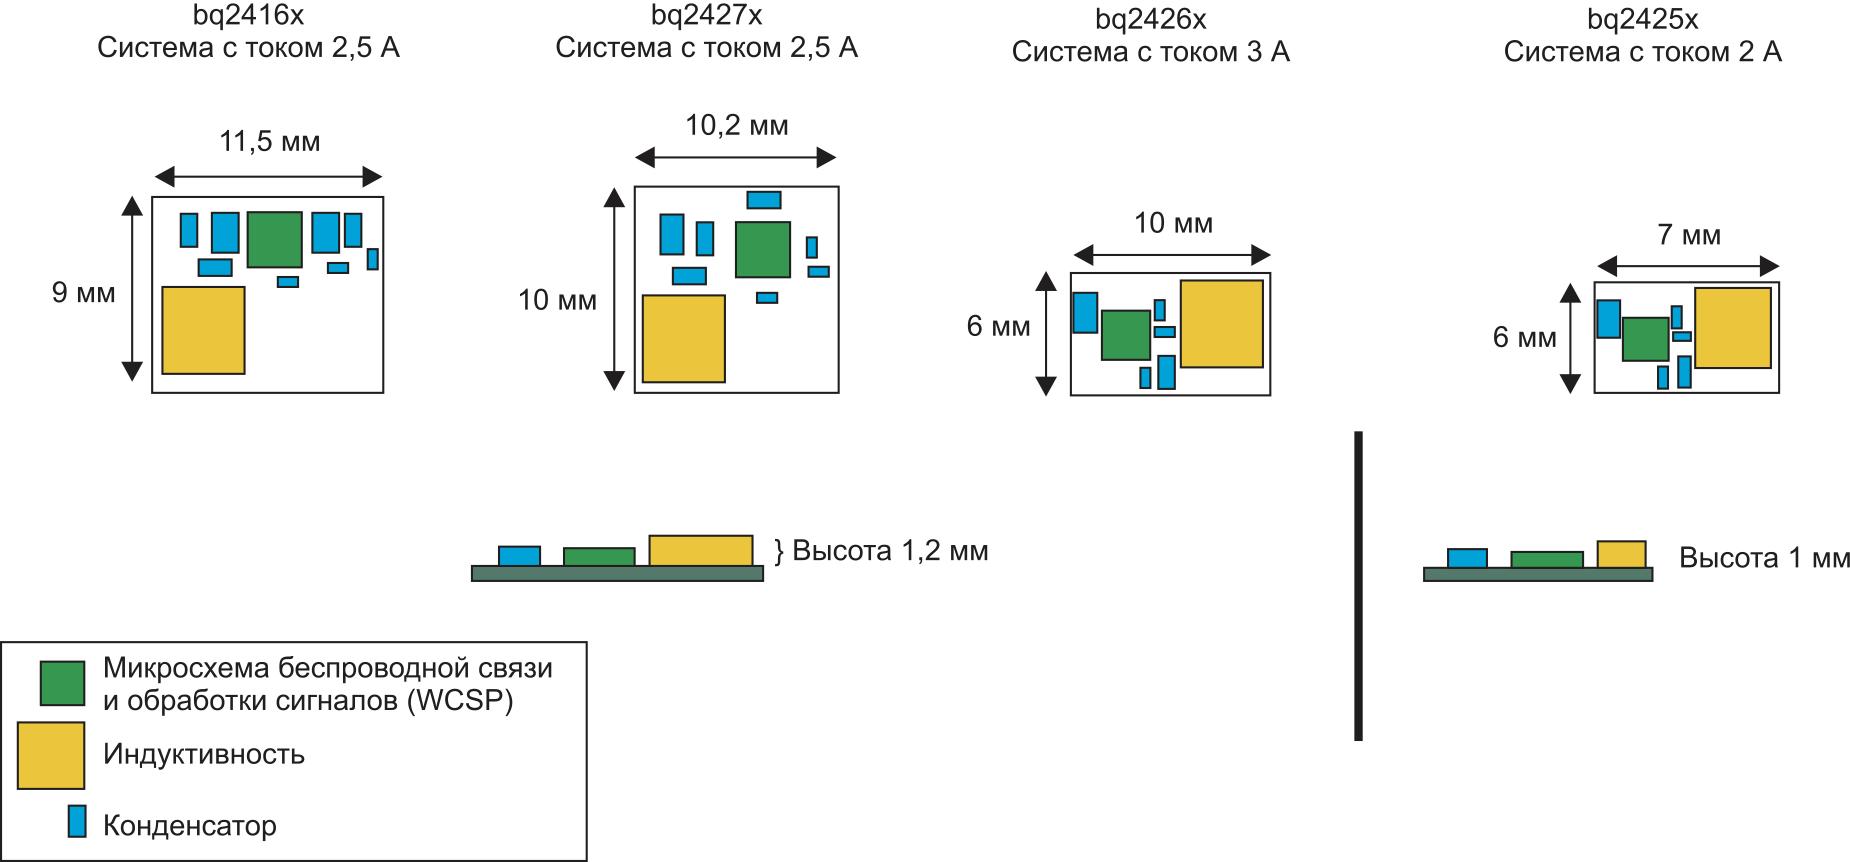 Площадь, занимаемая зарядным устройством с ДУПМ, при применении в различных системах